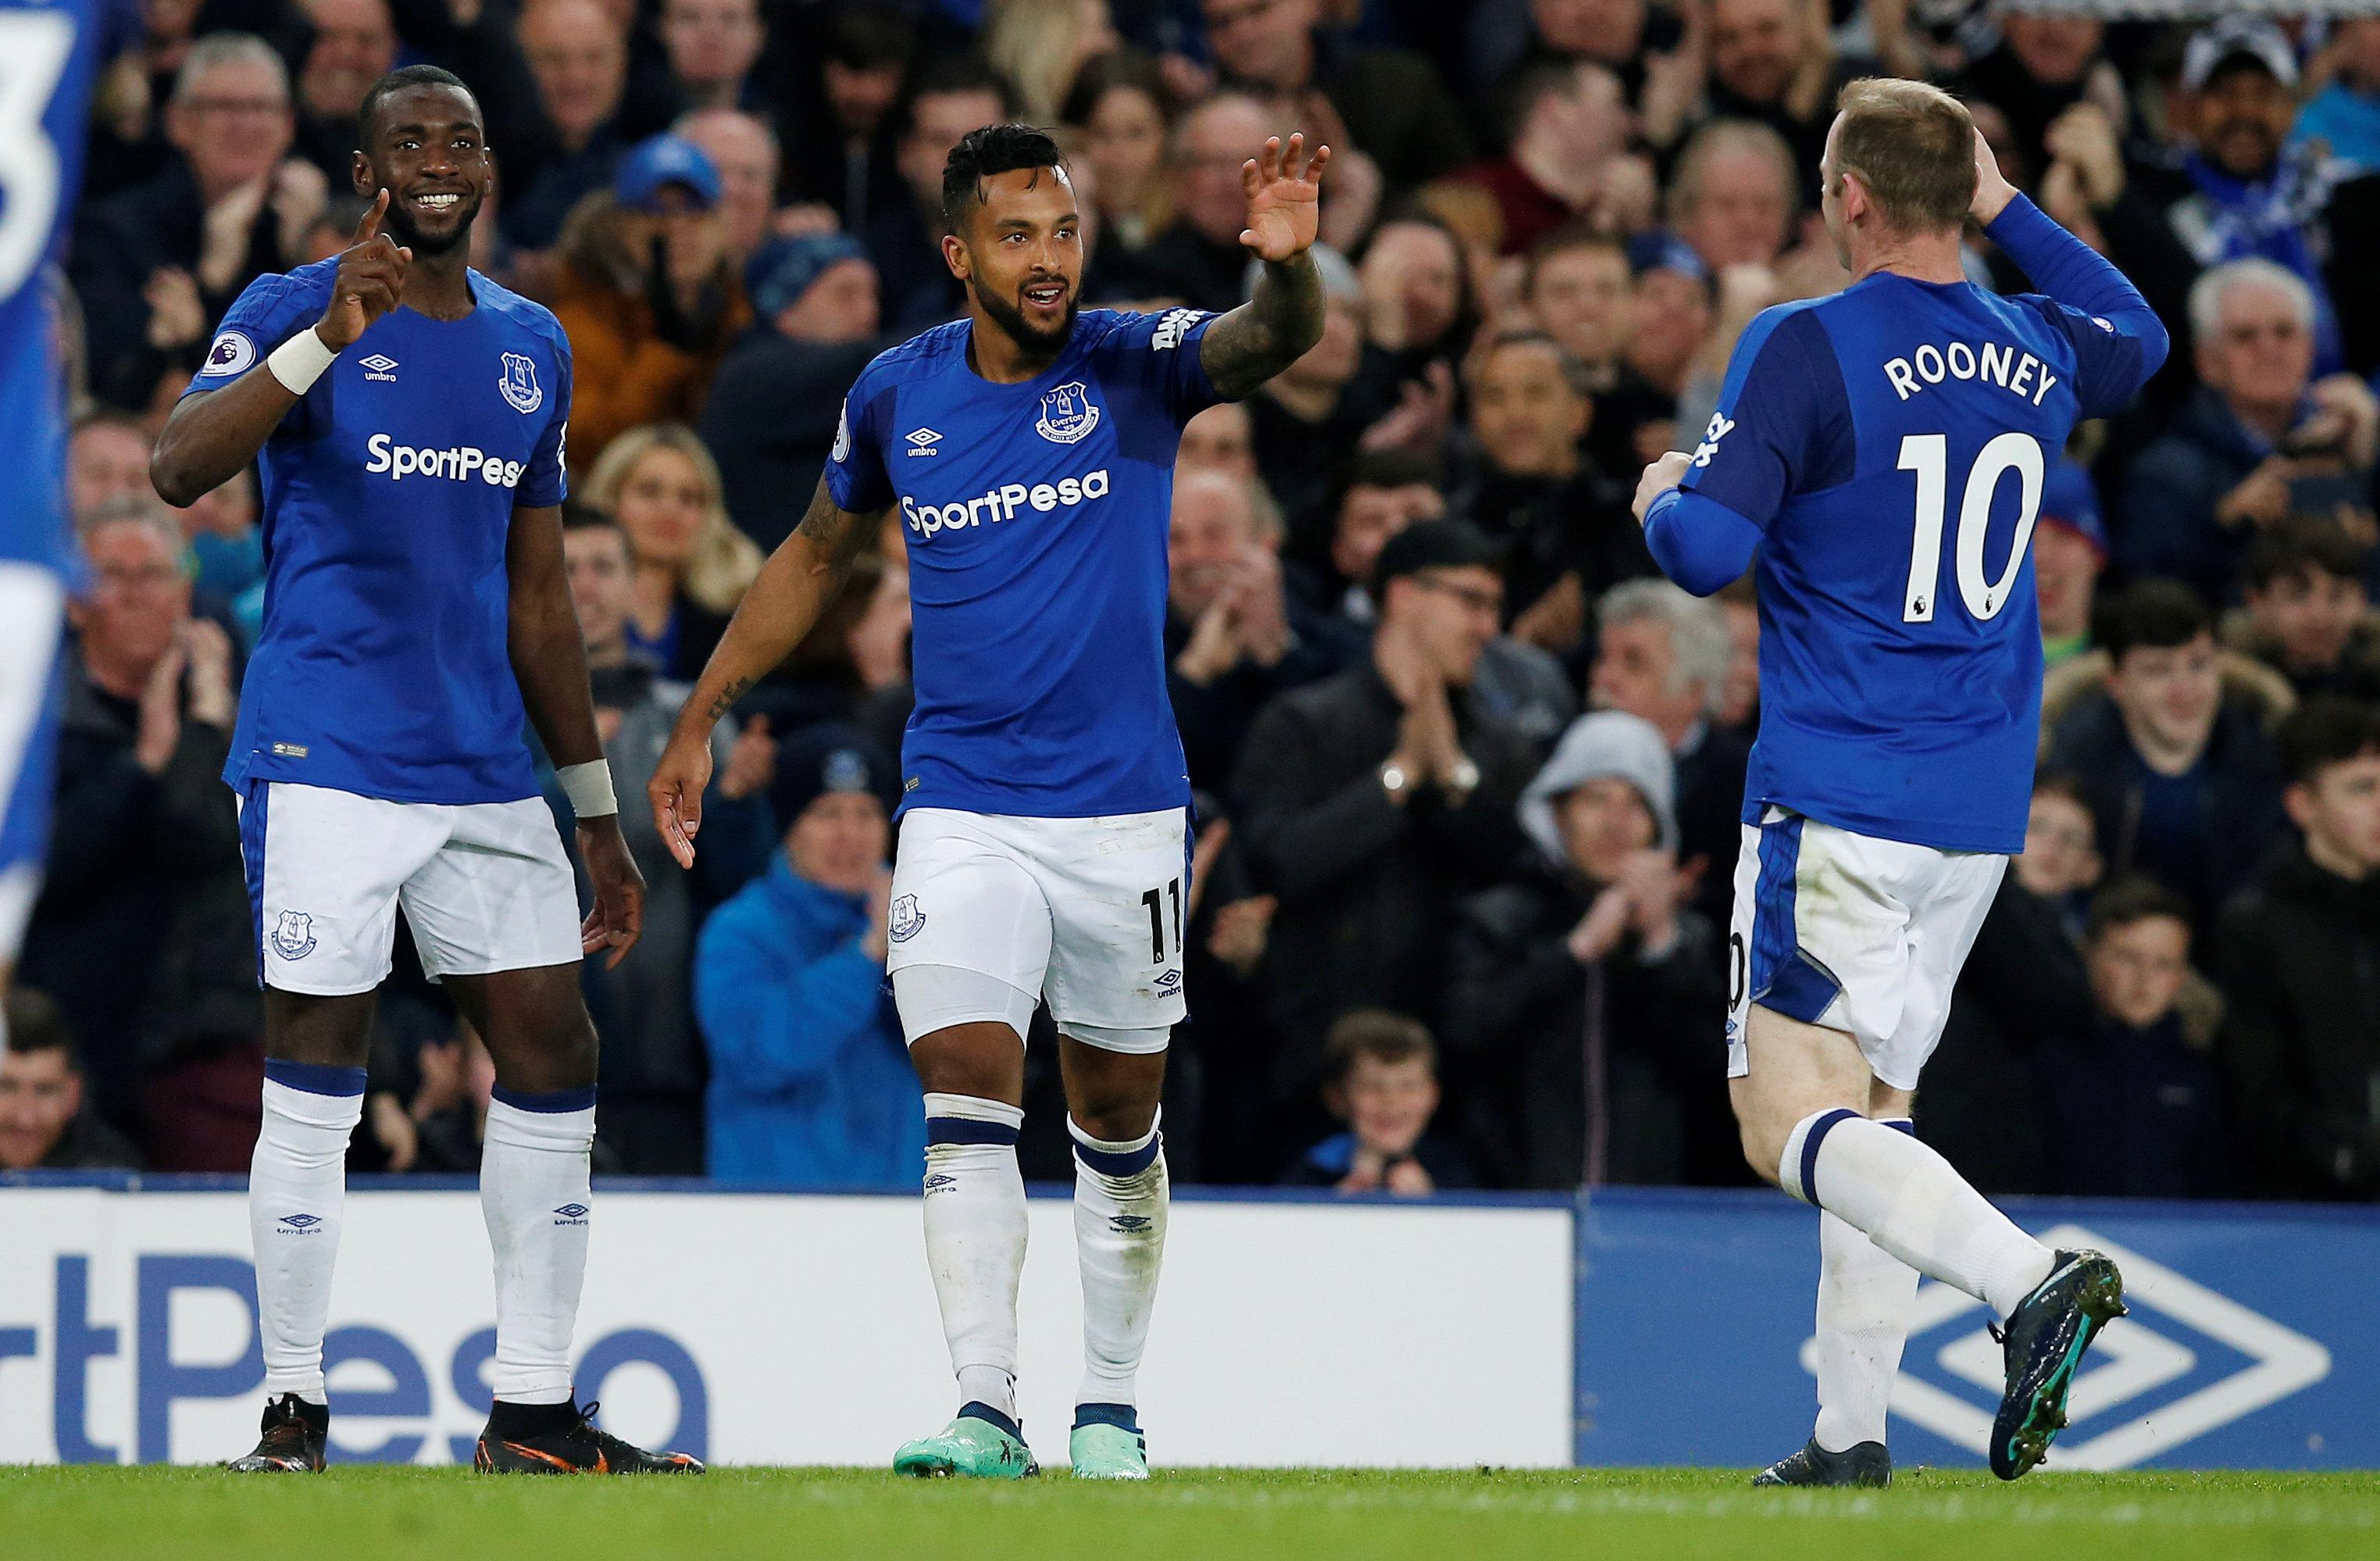 Niềm vui của Walcott (giữa) sau khi ghi bàn cho Everton. Ảnh: REUTERS